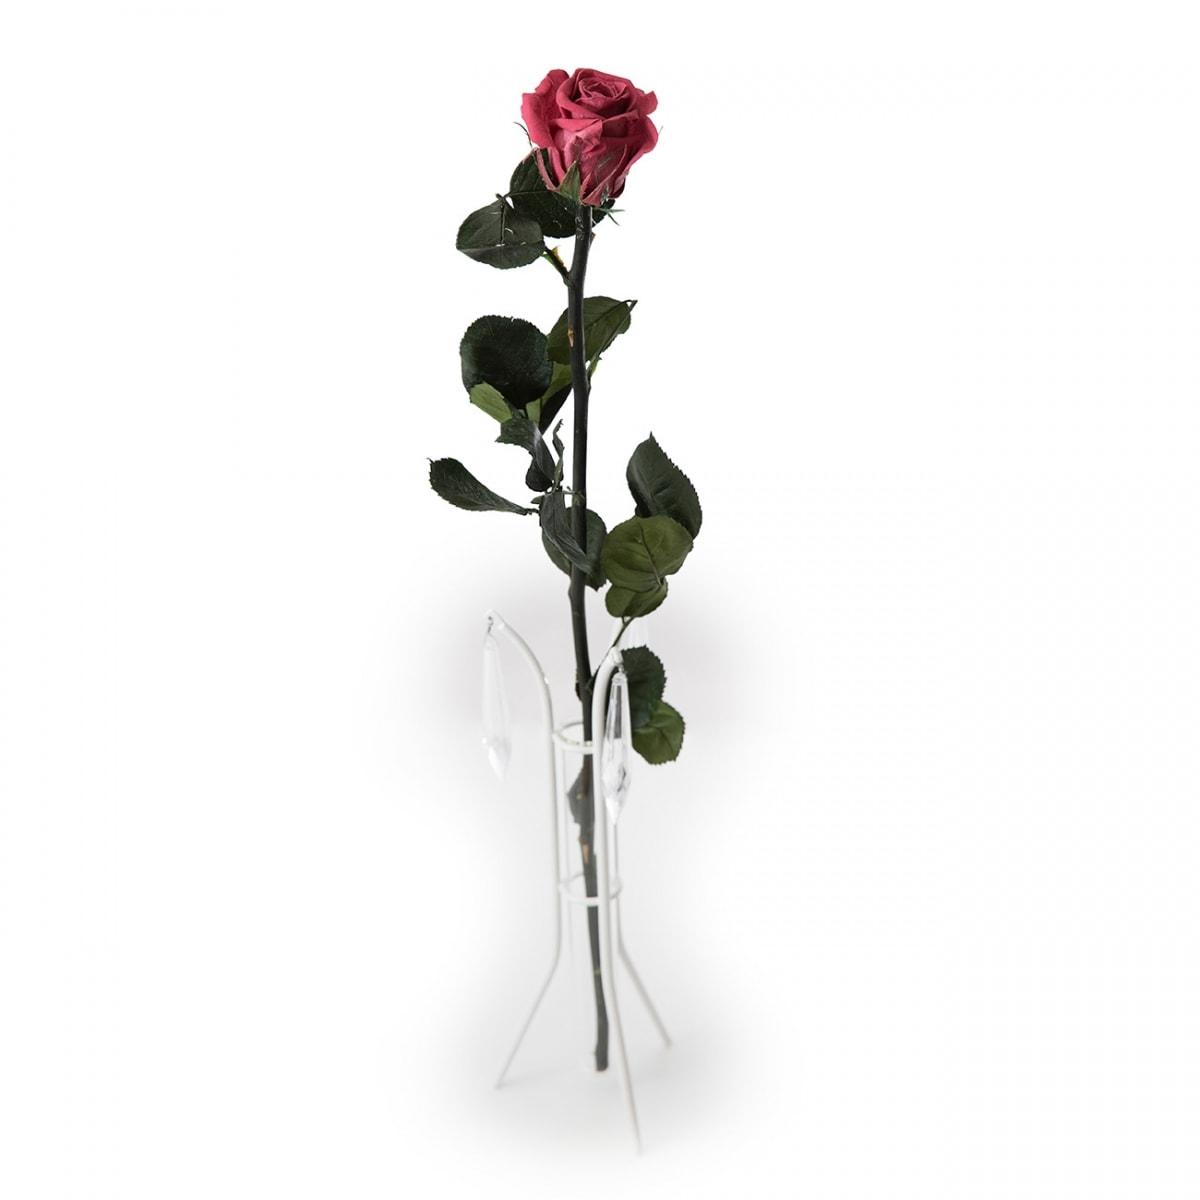 roos-kingsize-kirsipunane